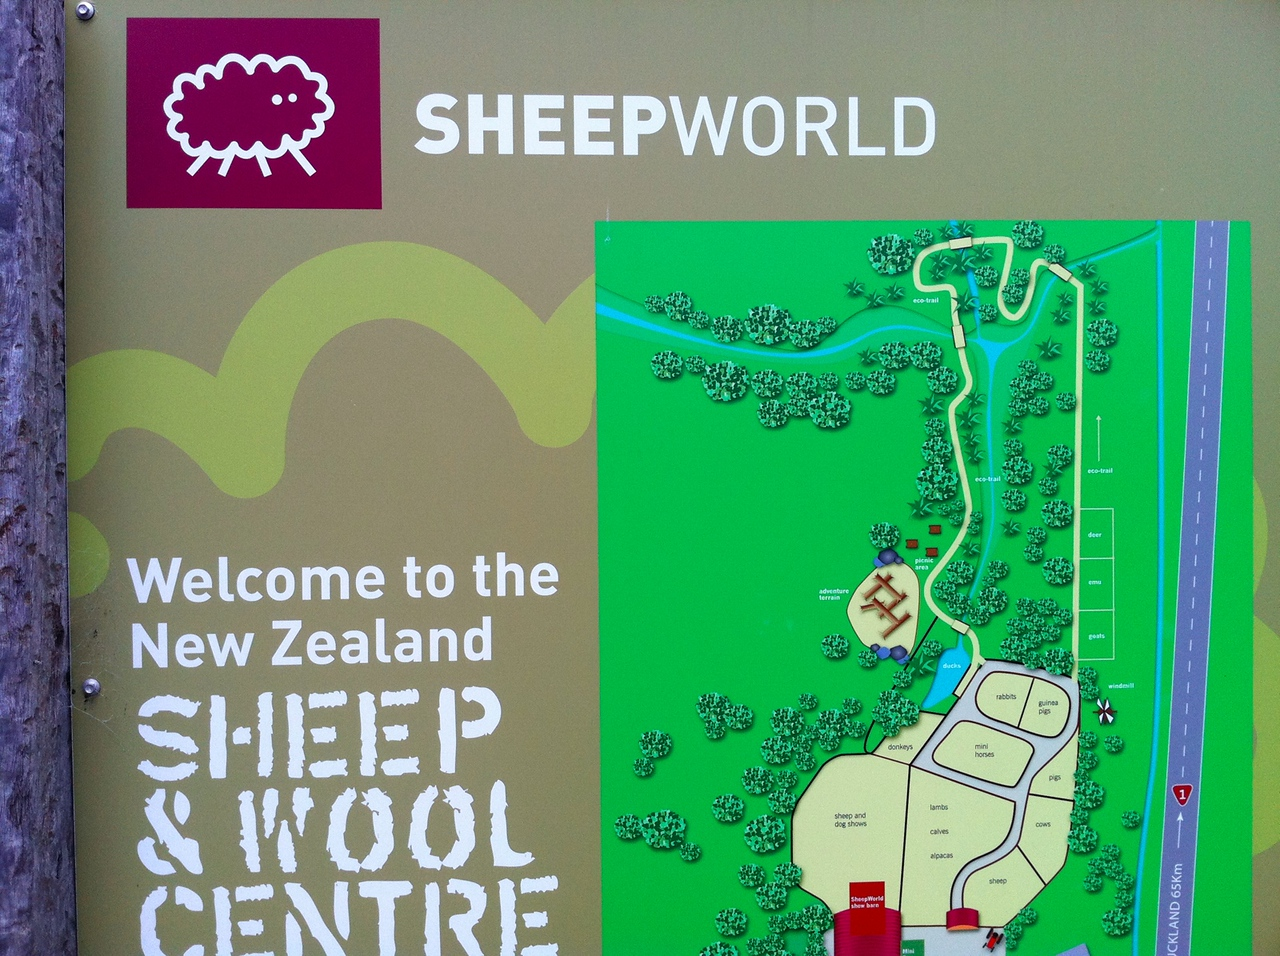 Sheep World!